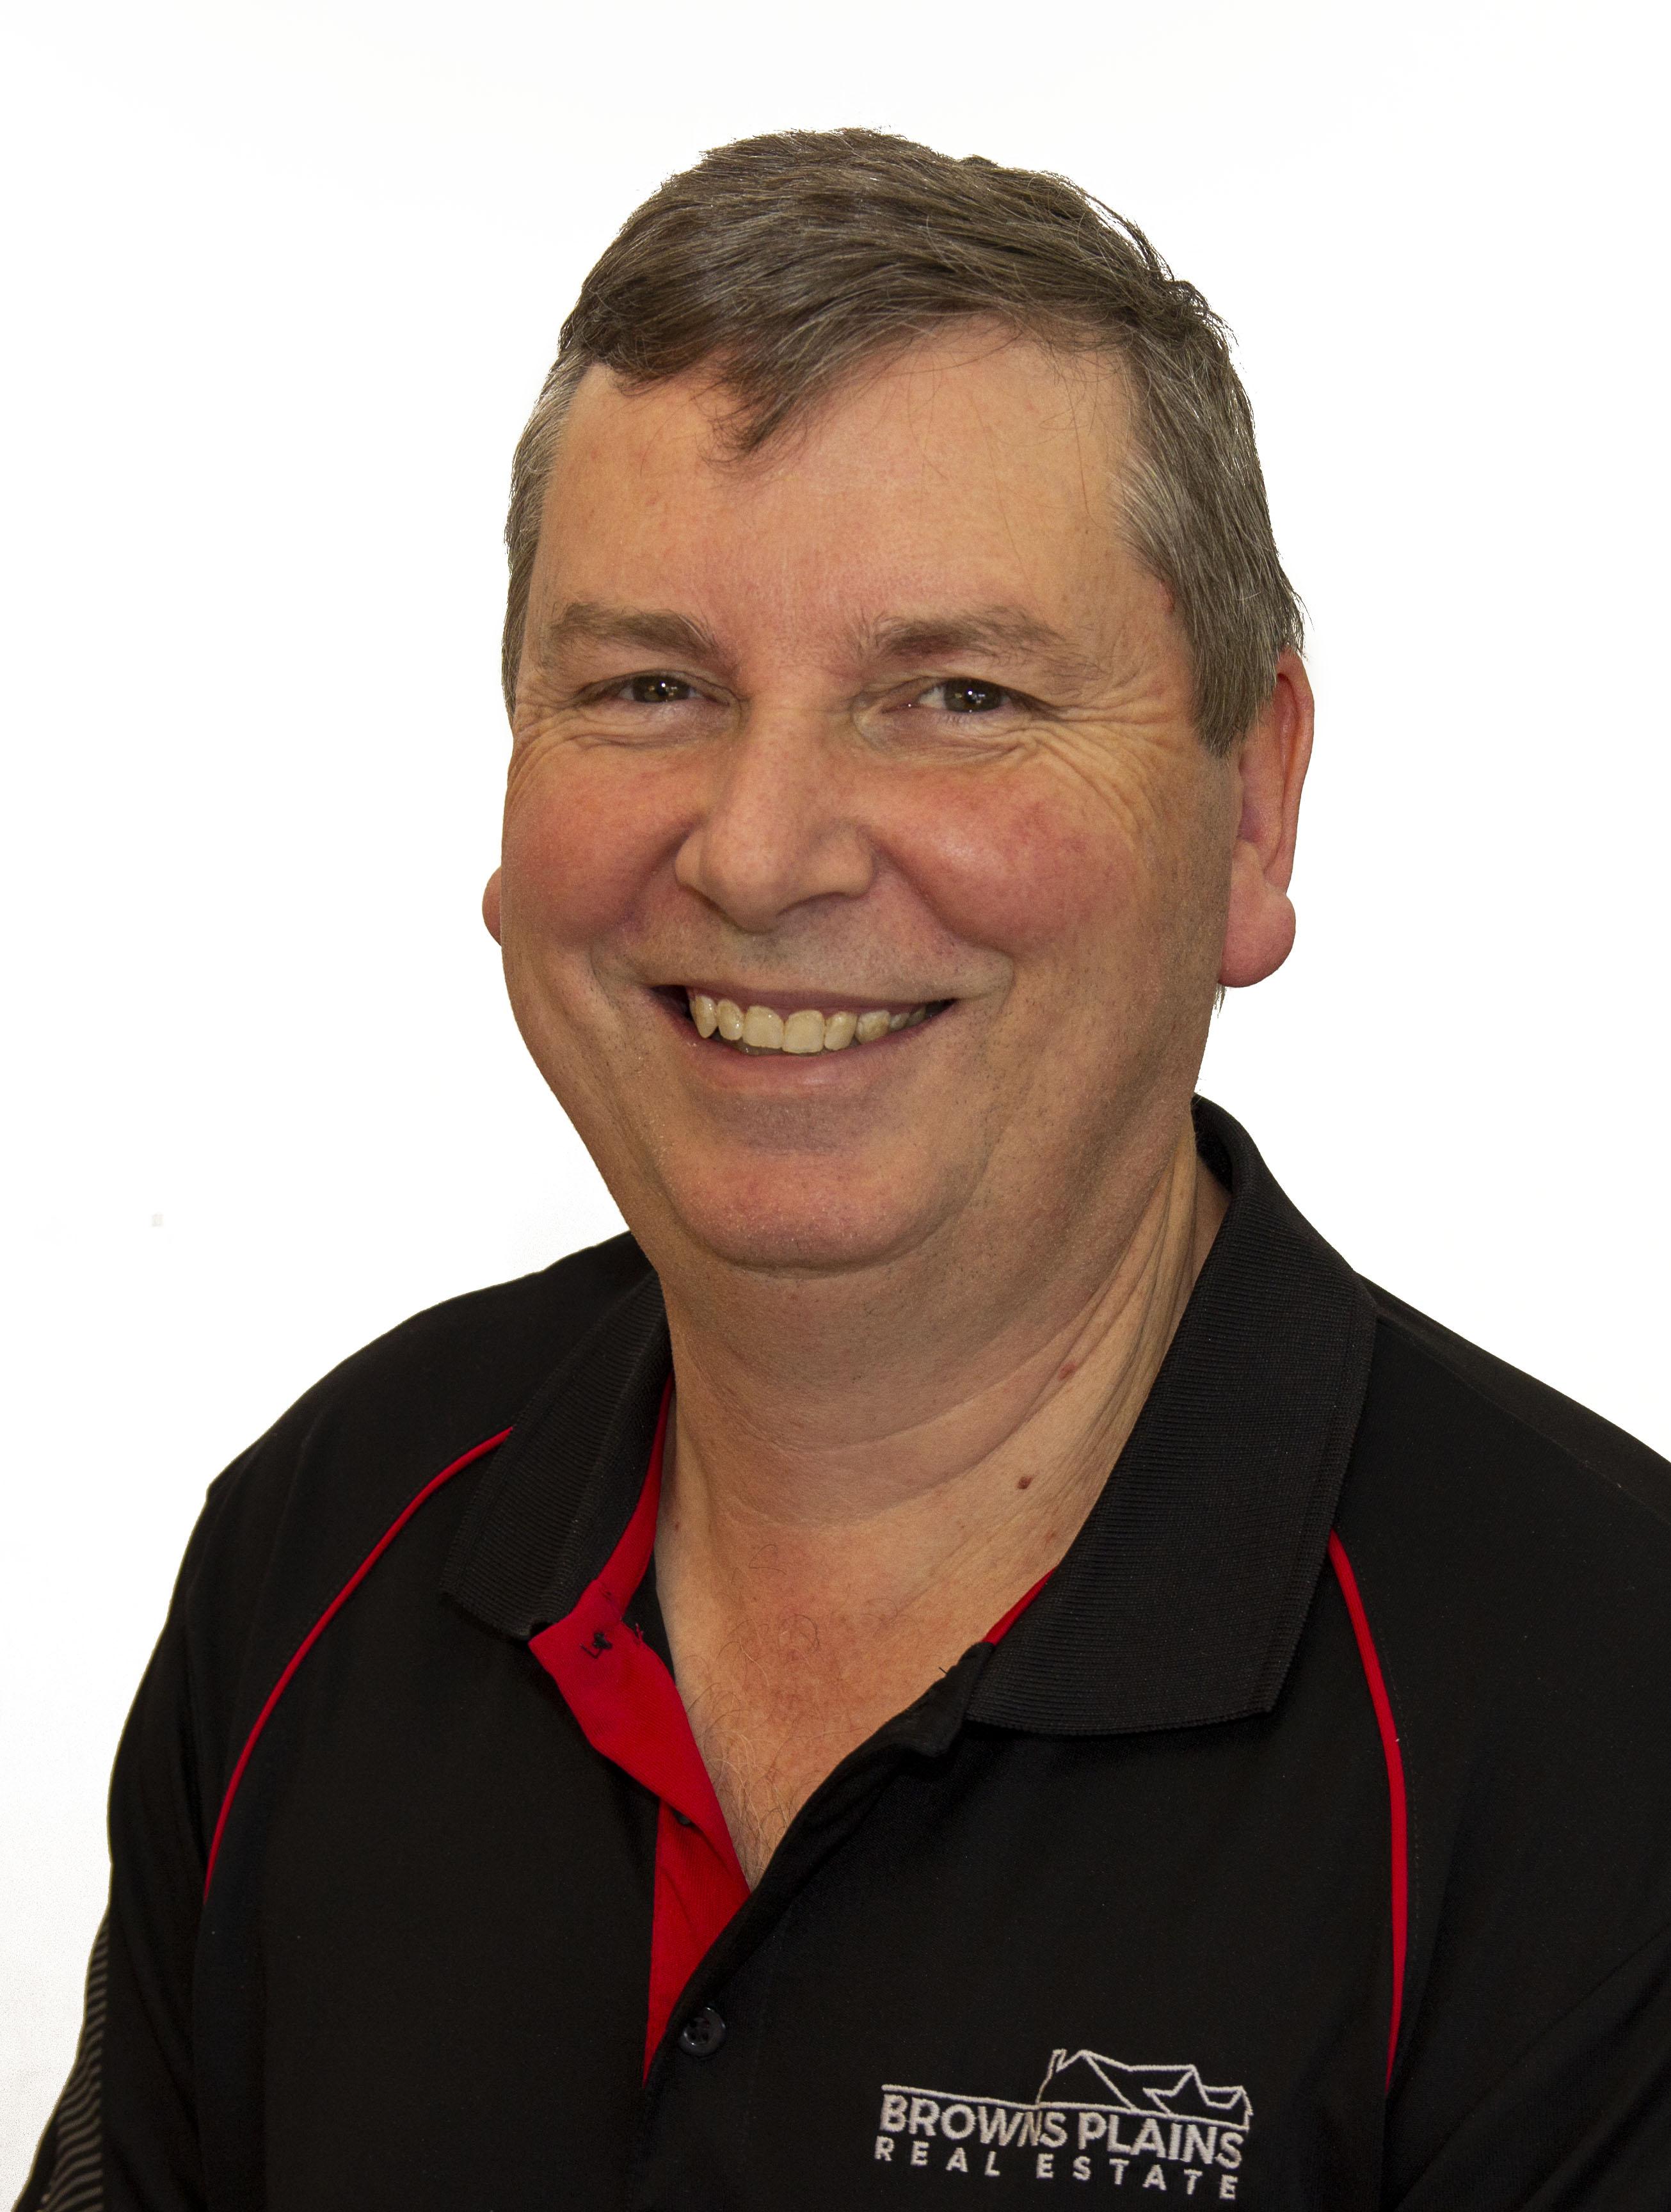 Neil Giles